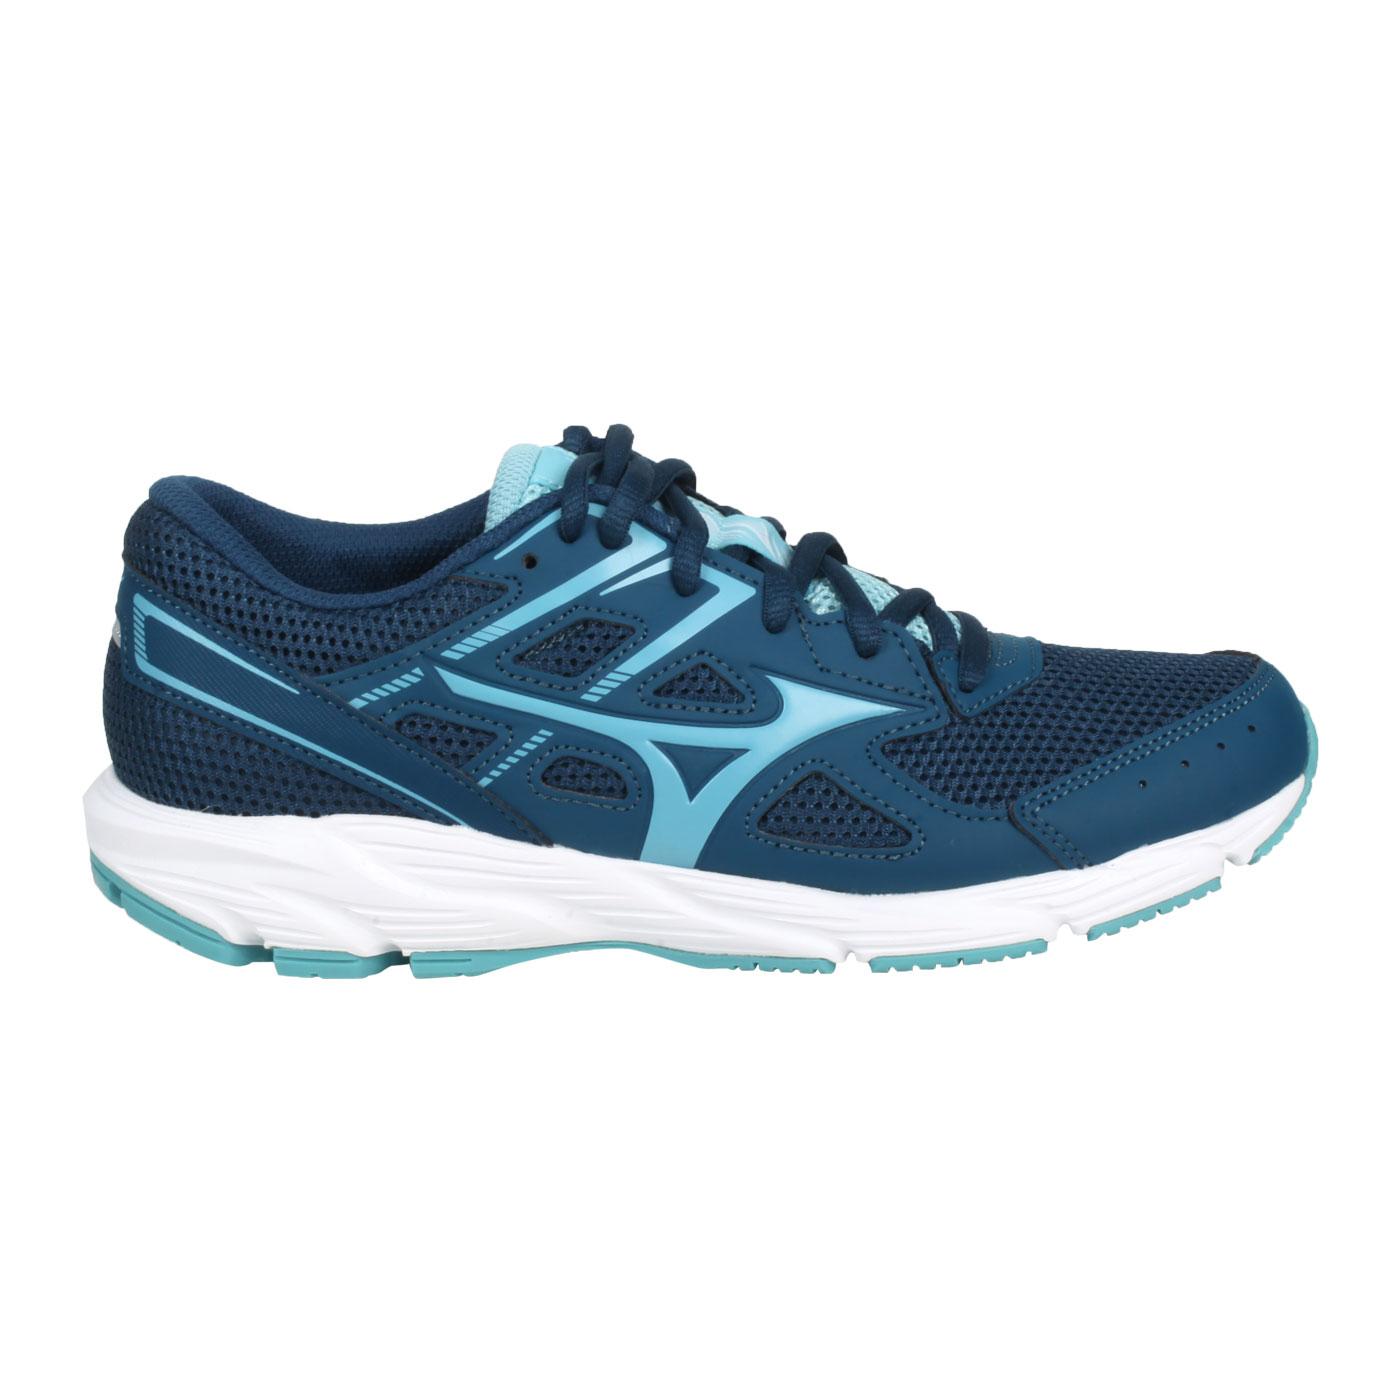 MIZUNO 女款慢跑鞋  @ SPARK 6@K1GA210417 - 藍綠